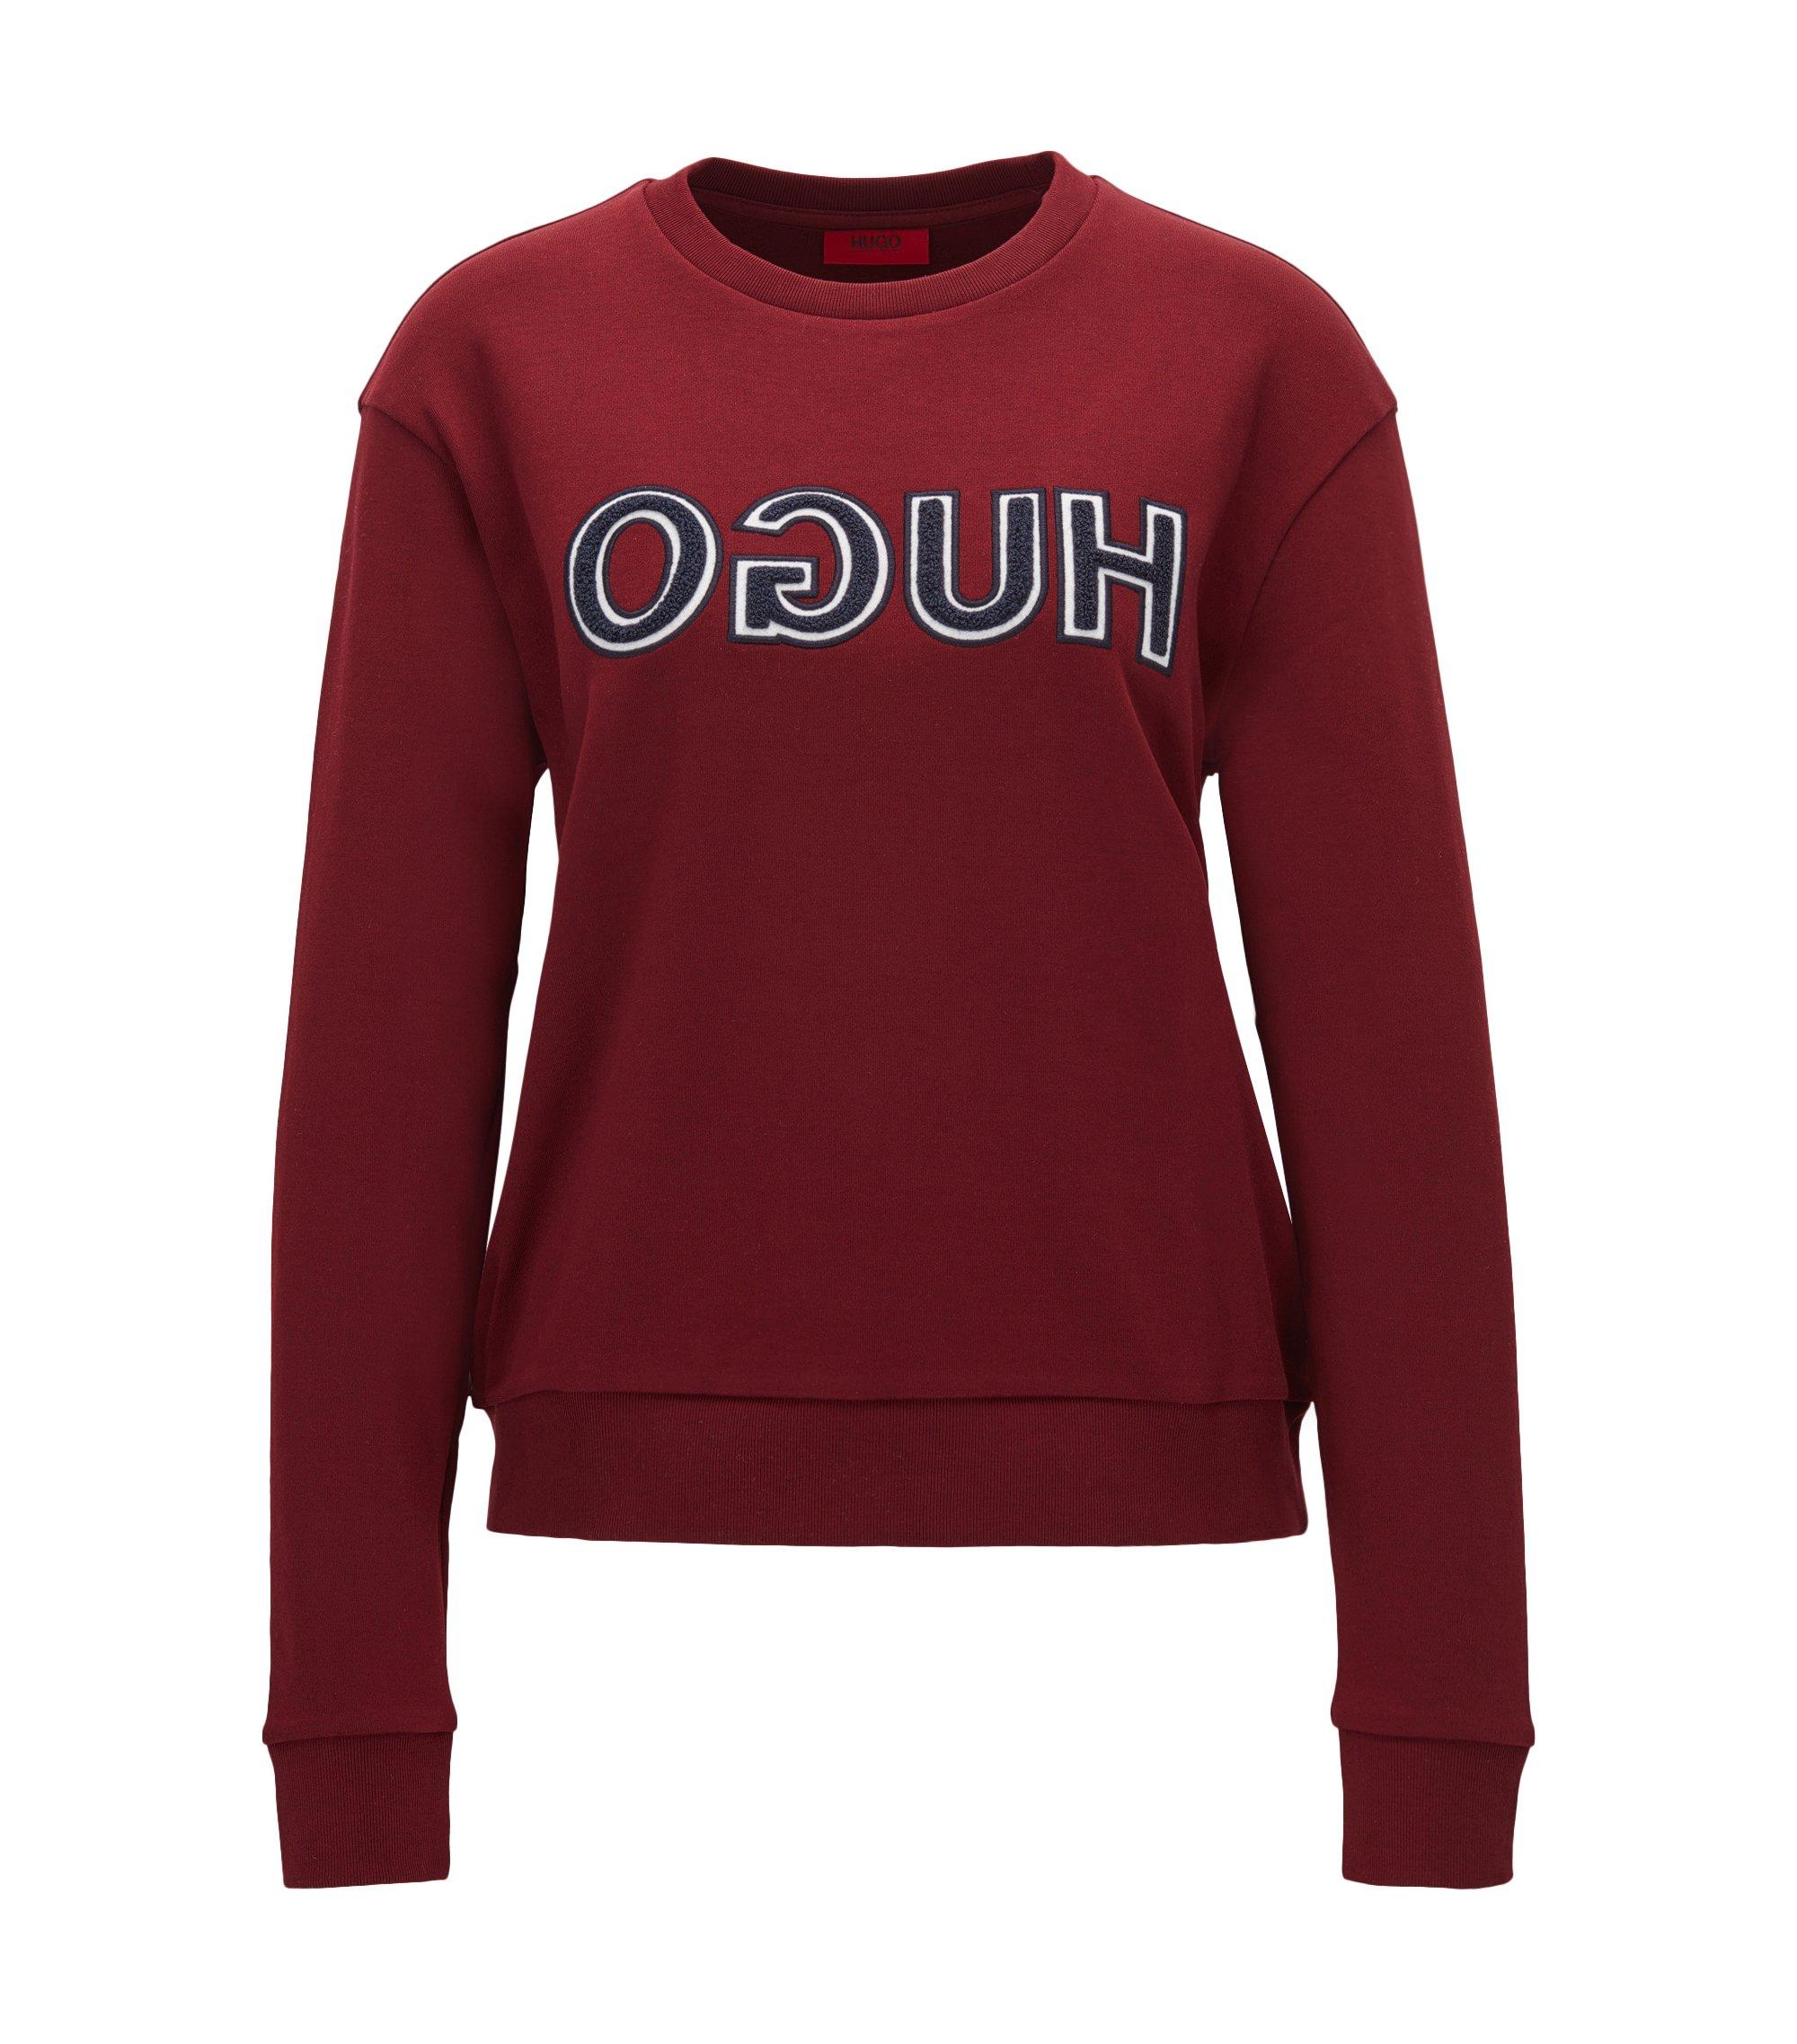 T-shirt manches longues en coton à logo inversé de style universitaire, Rouge sombre